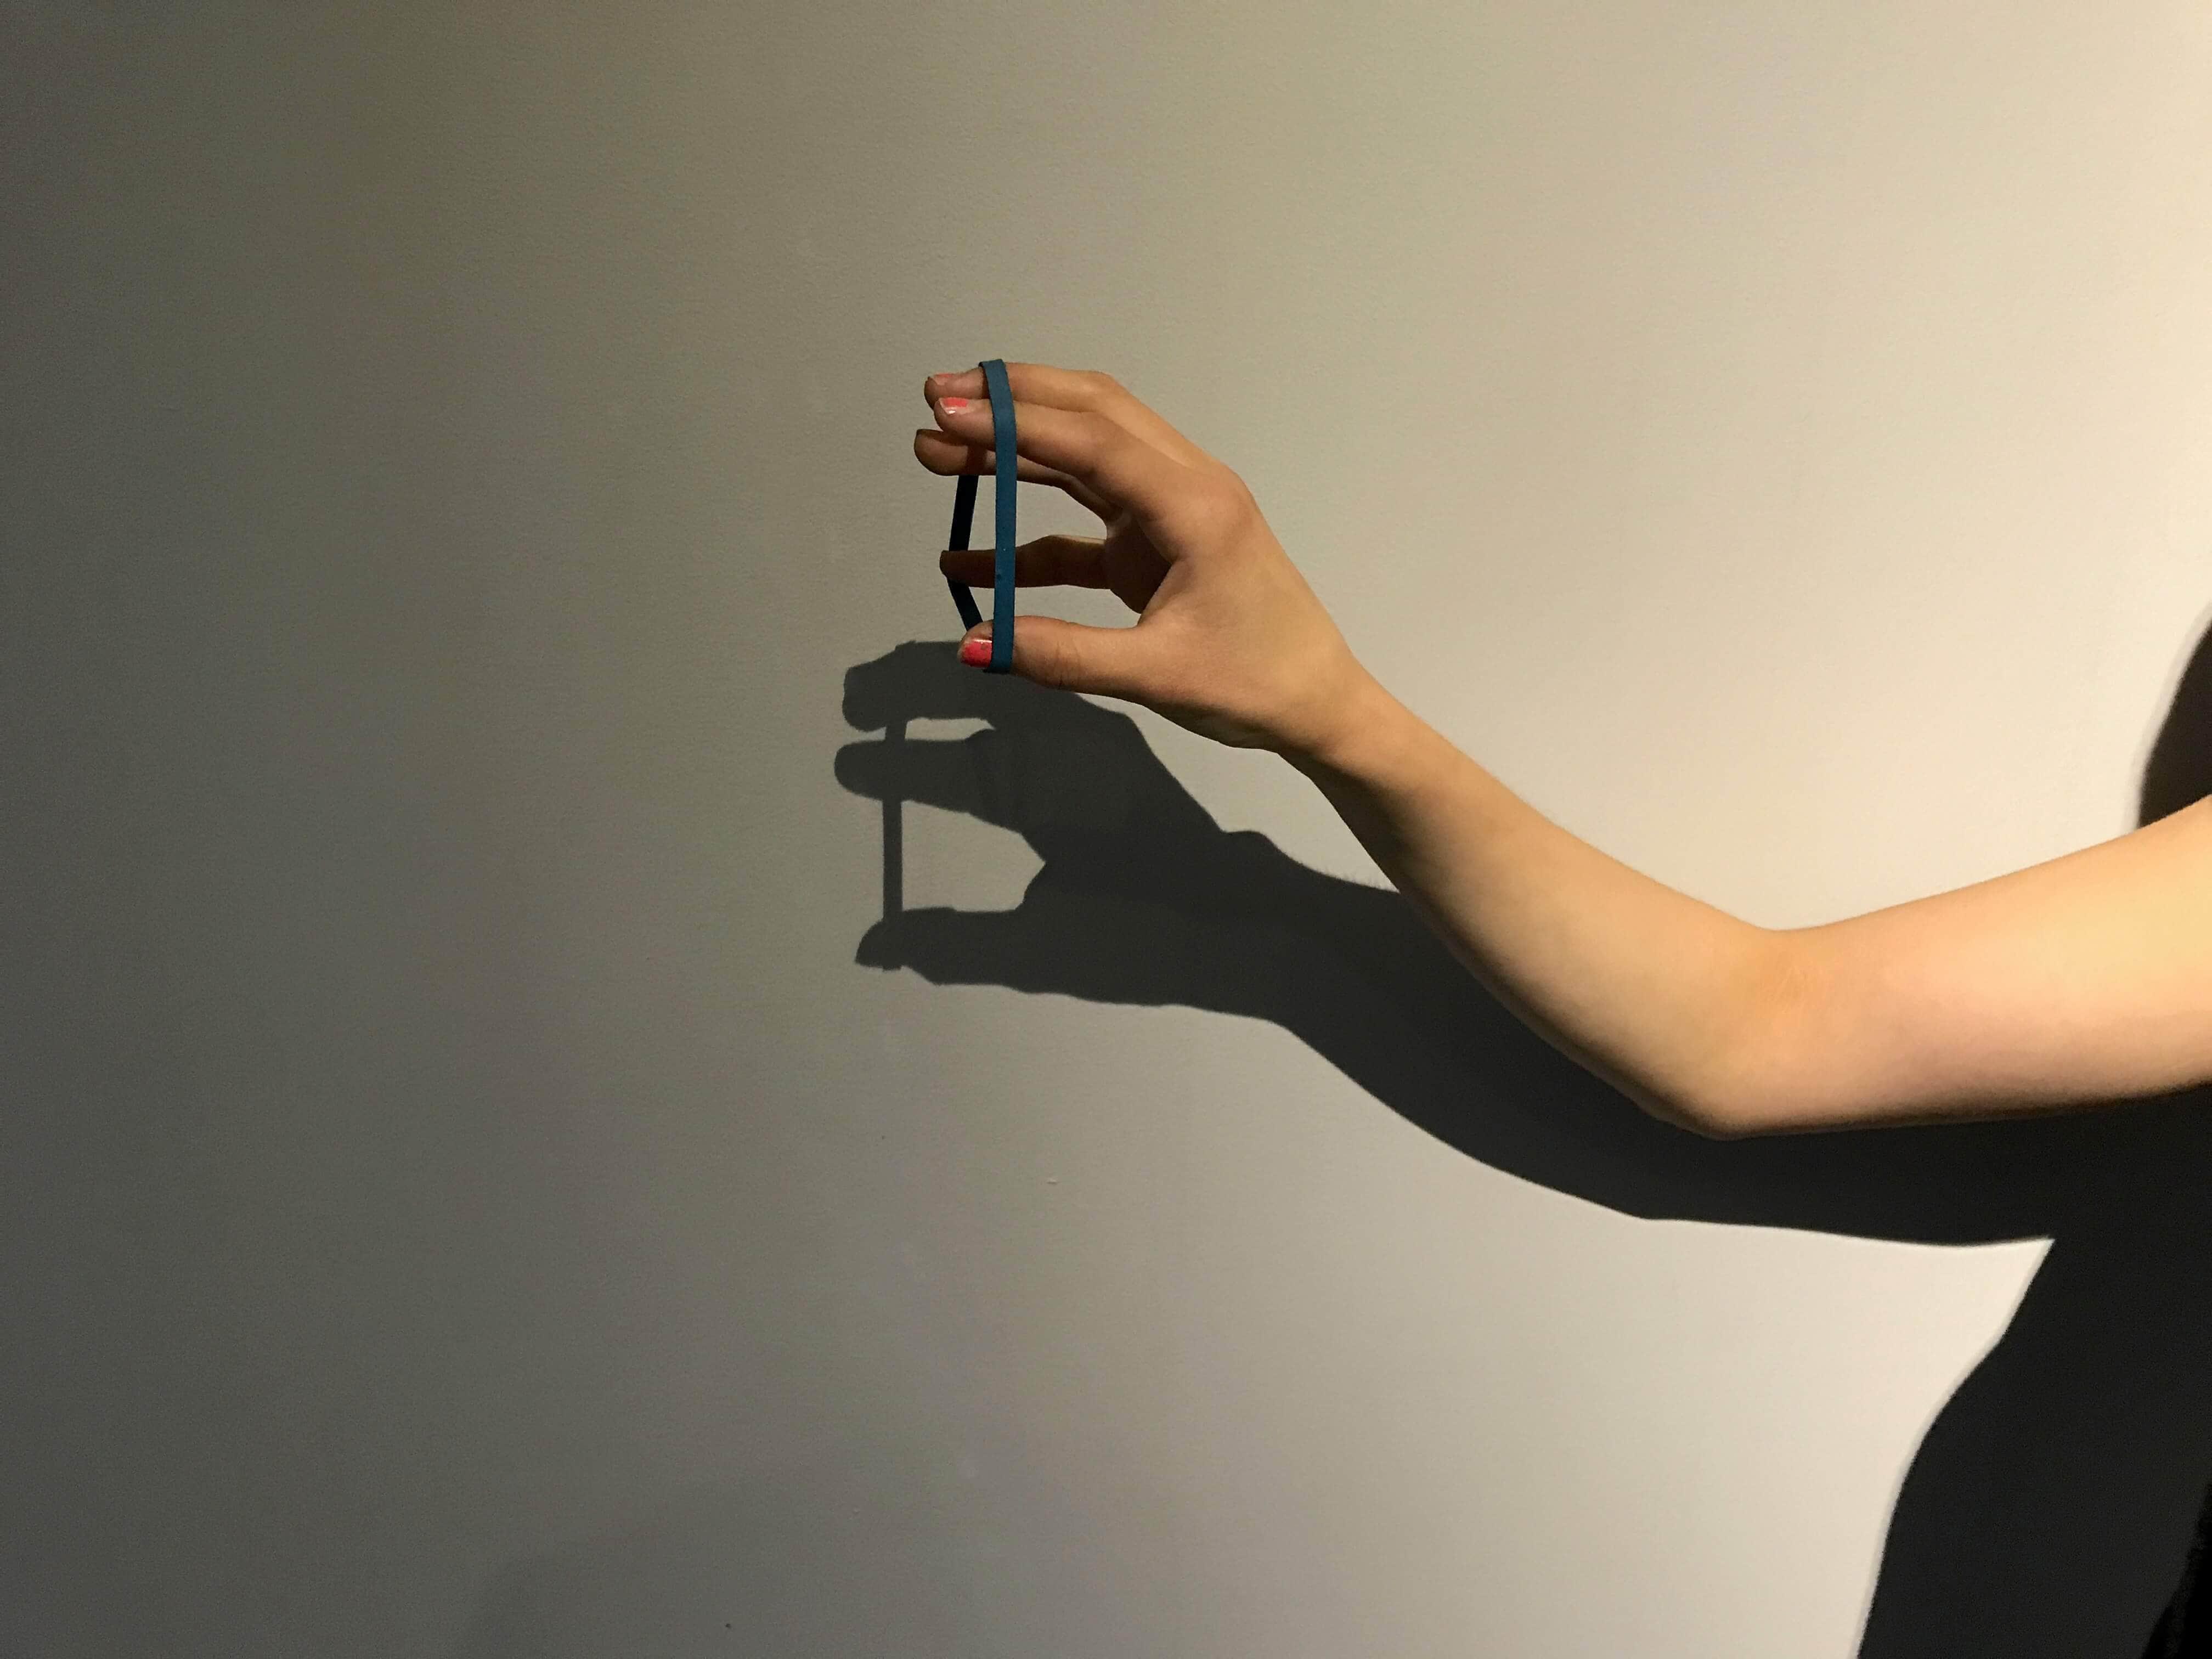 Extenseurs doigts pour epitrochleite